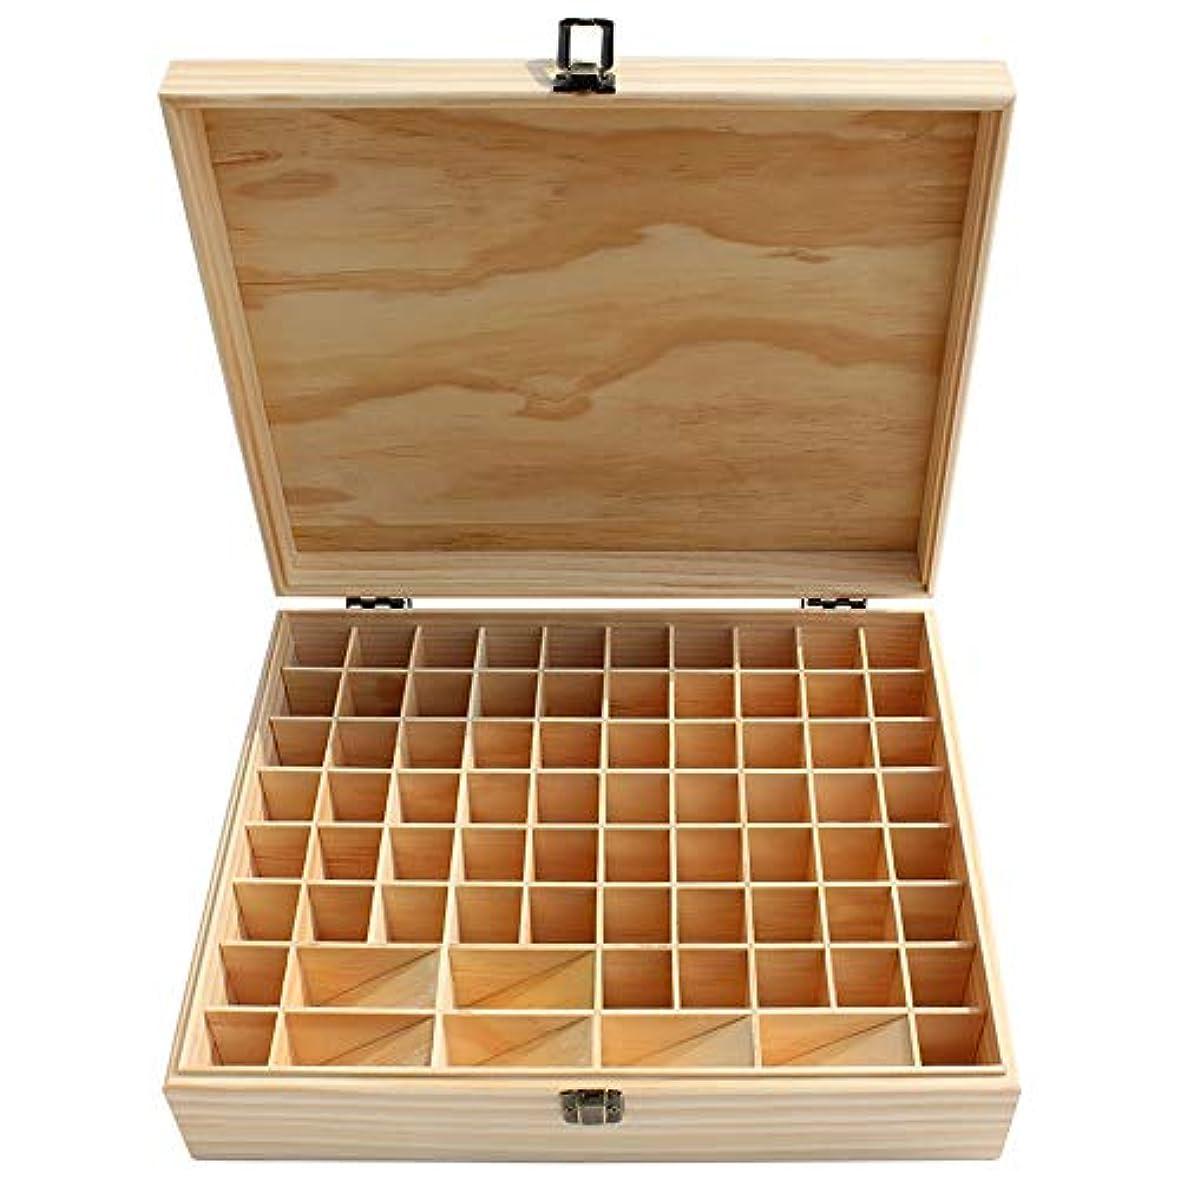 対応する火山学者大惨事エッセンシャルオイル収納ボックス 大74スロット木製のエッセンシャルオイルストレージボックスナチュラルパインウッド (色 : Natural, サイズ : 34X27.5X9CM)